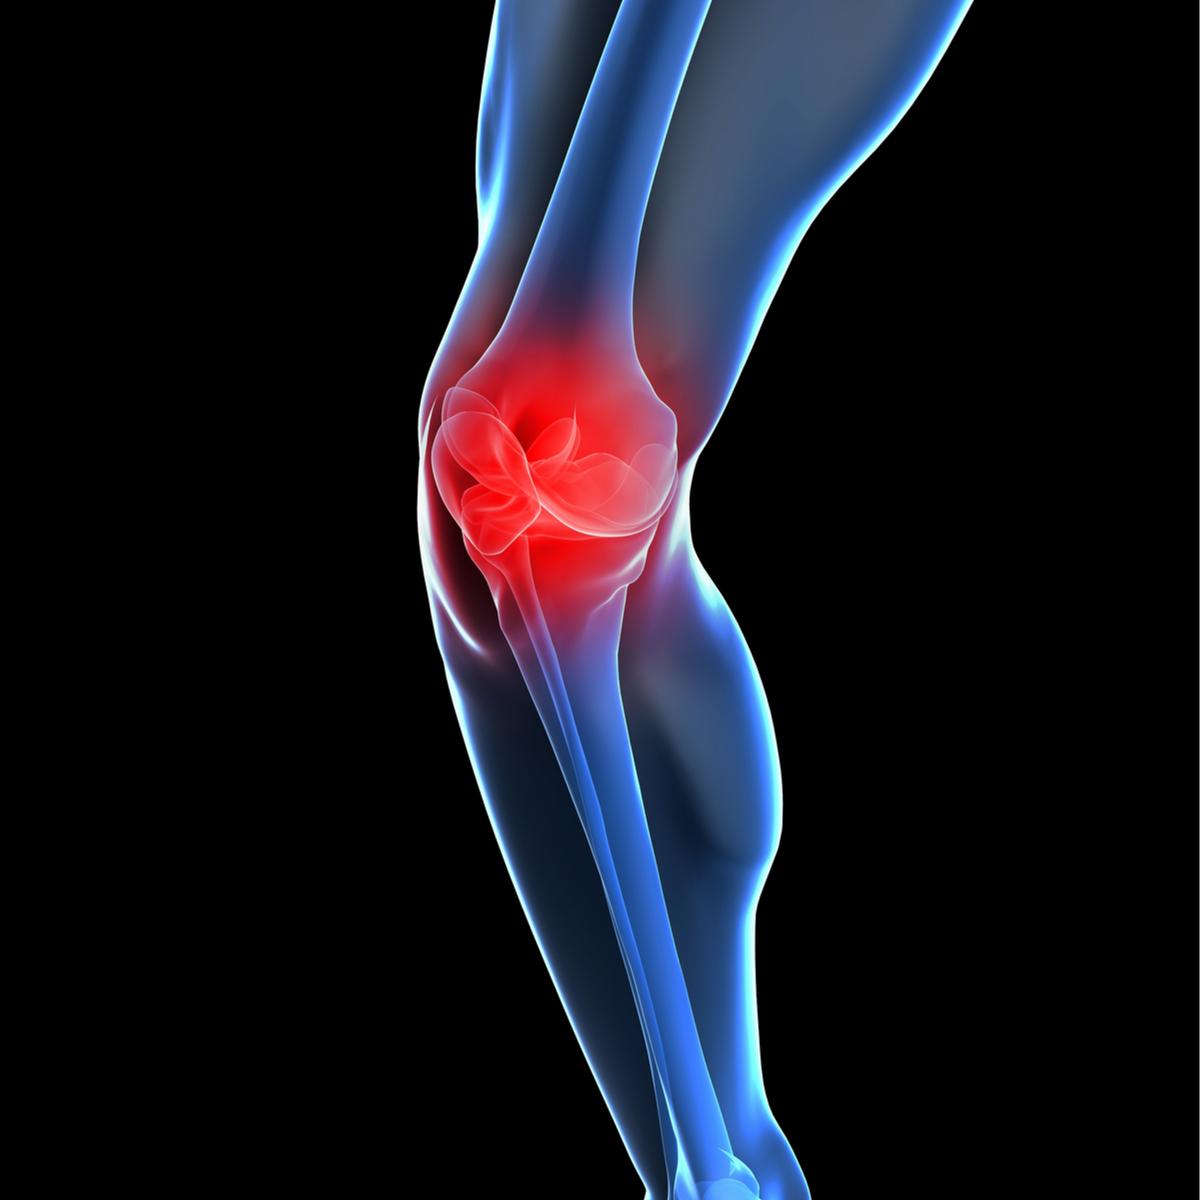 knee-pain-v1